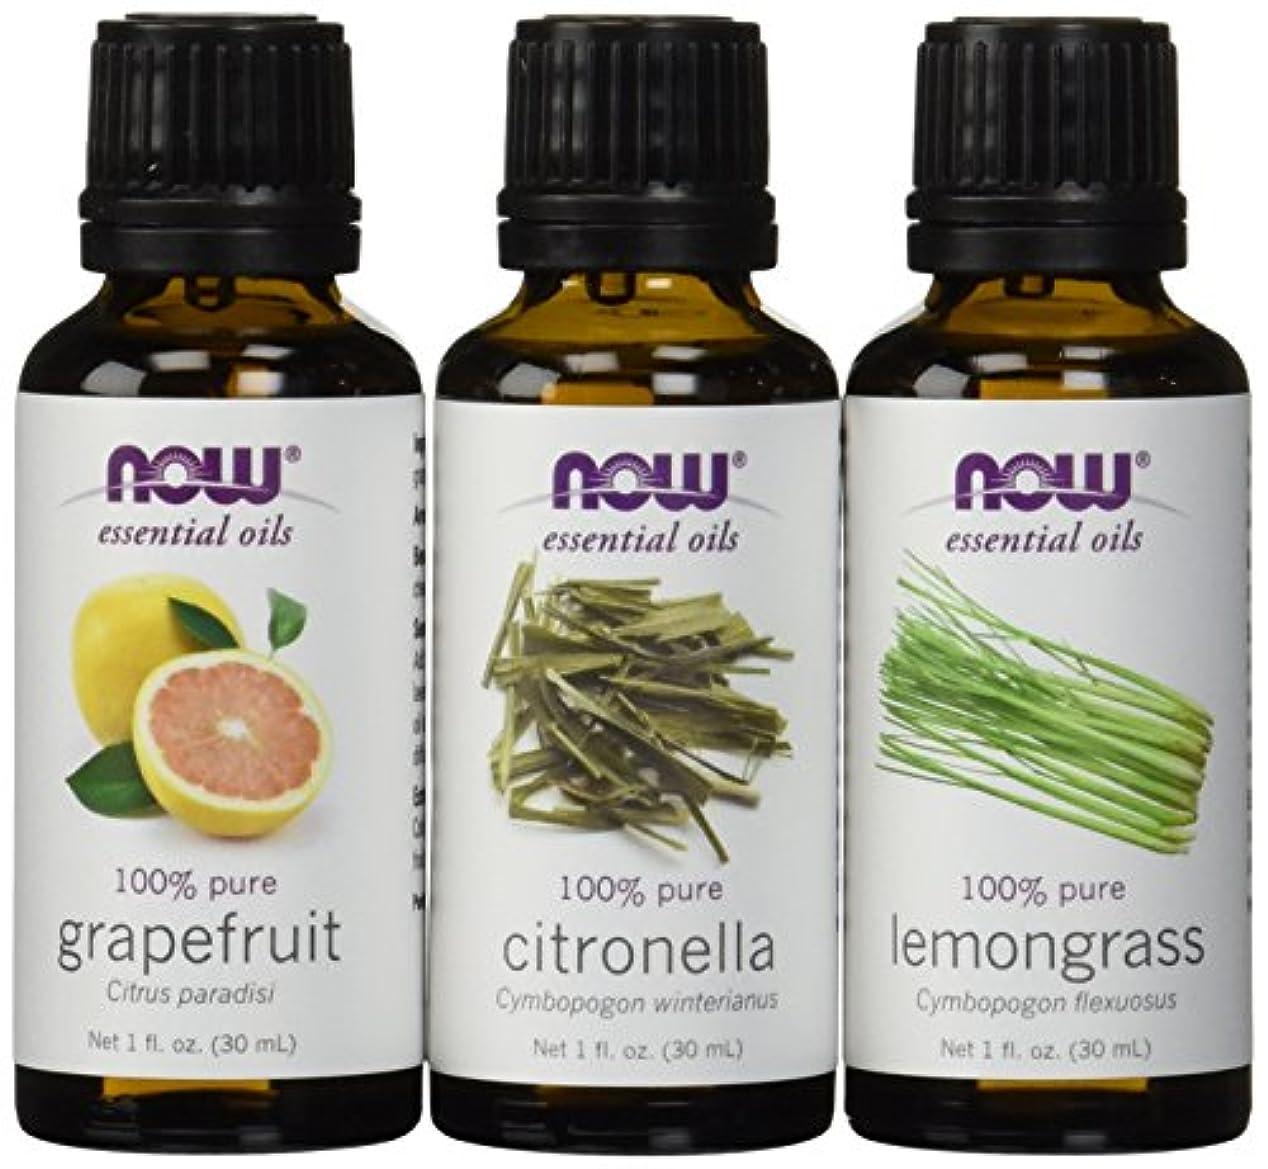 若い懐疑論一月虫除けに ナウフーズ エッセンシャルオイルブレンド:シトロネラ?レモングラス?グレープフルーツ[各30ml] NOW Essential Oils: Mosquito Repellent Blend - Citronella...